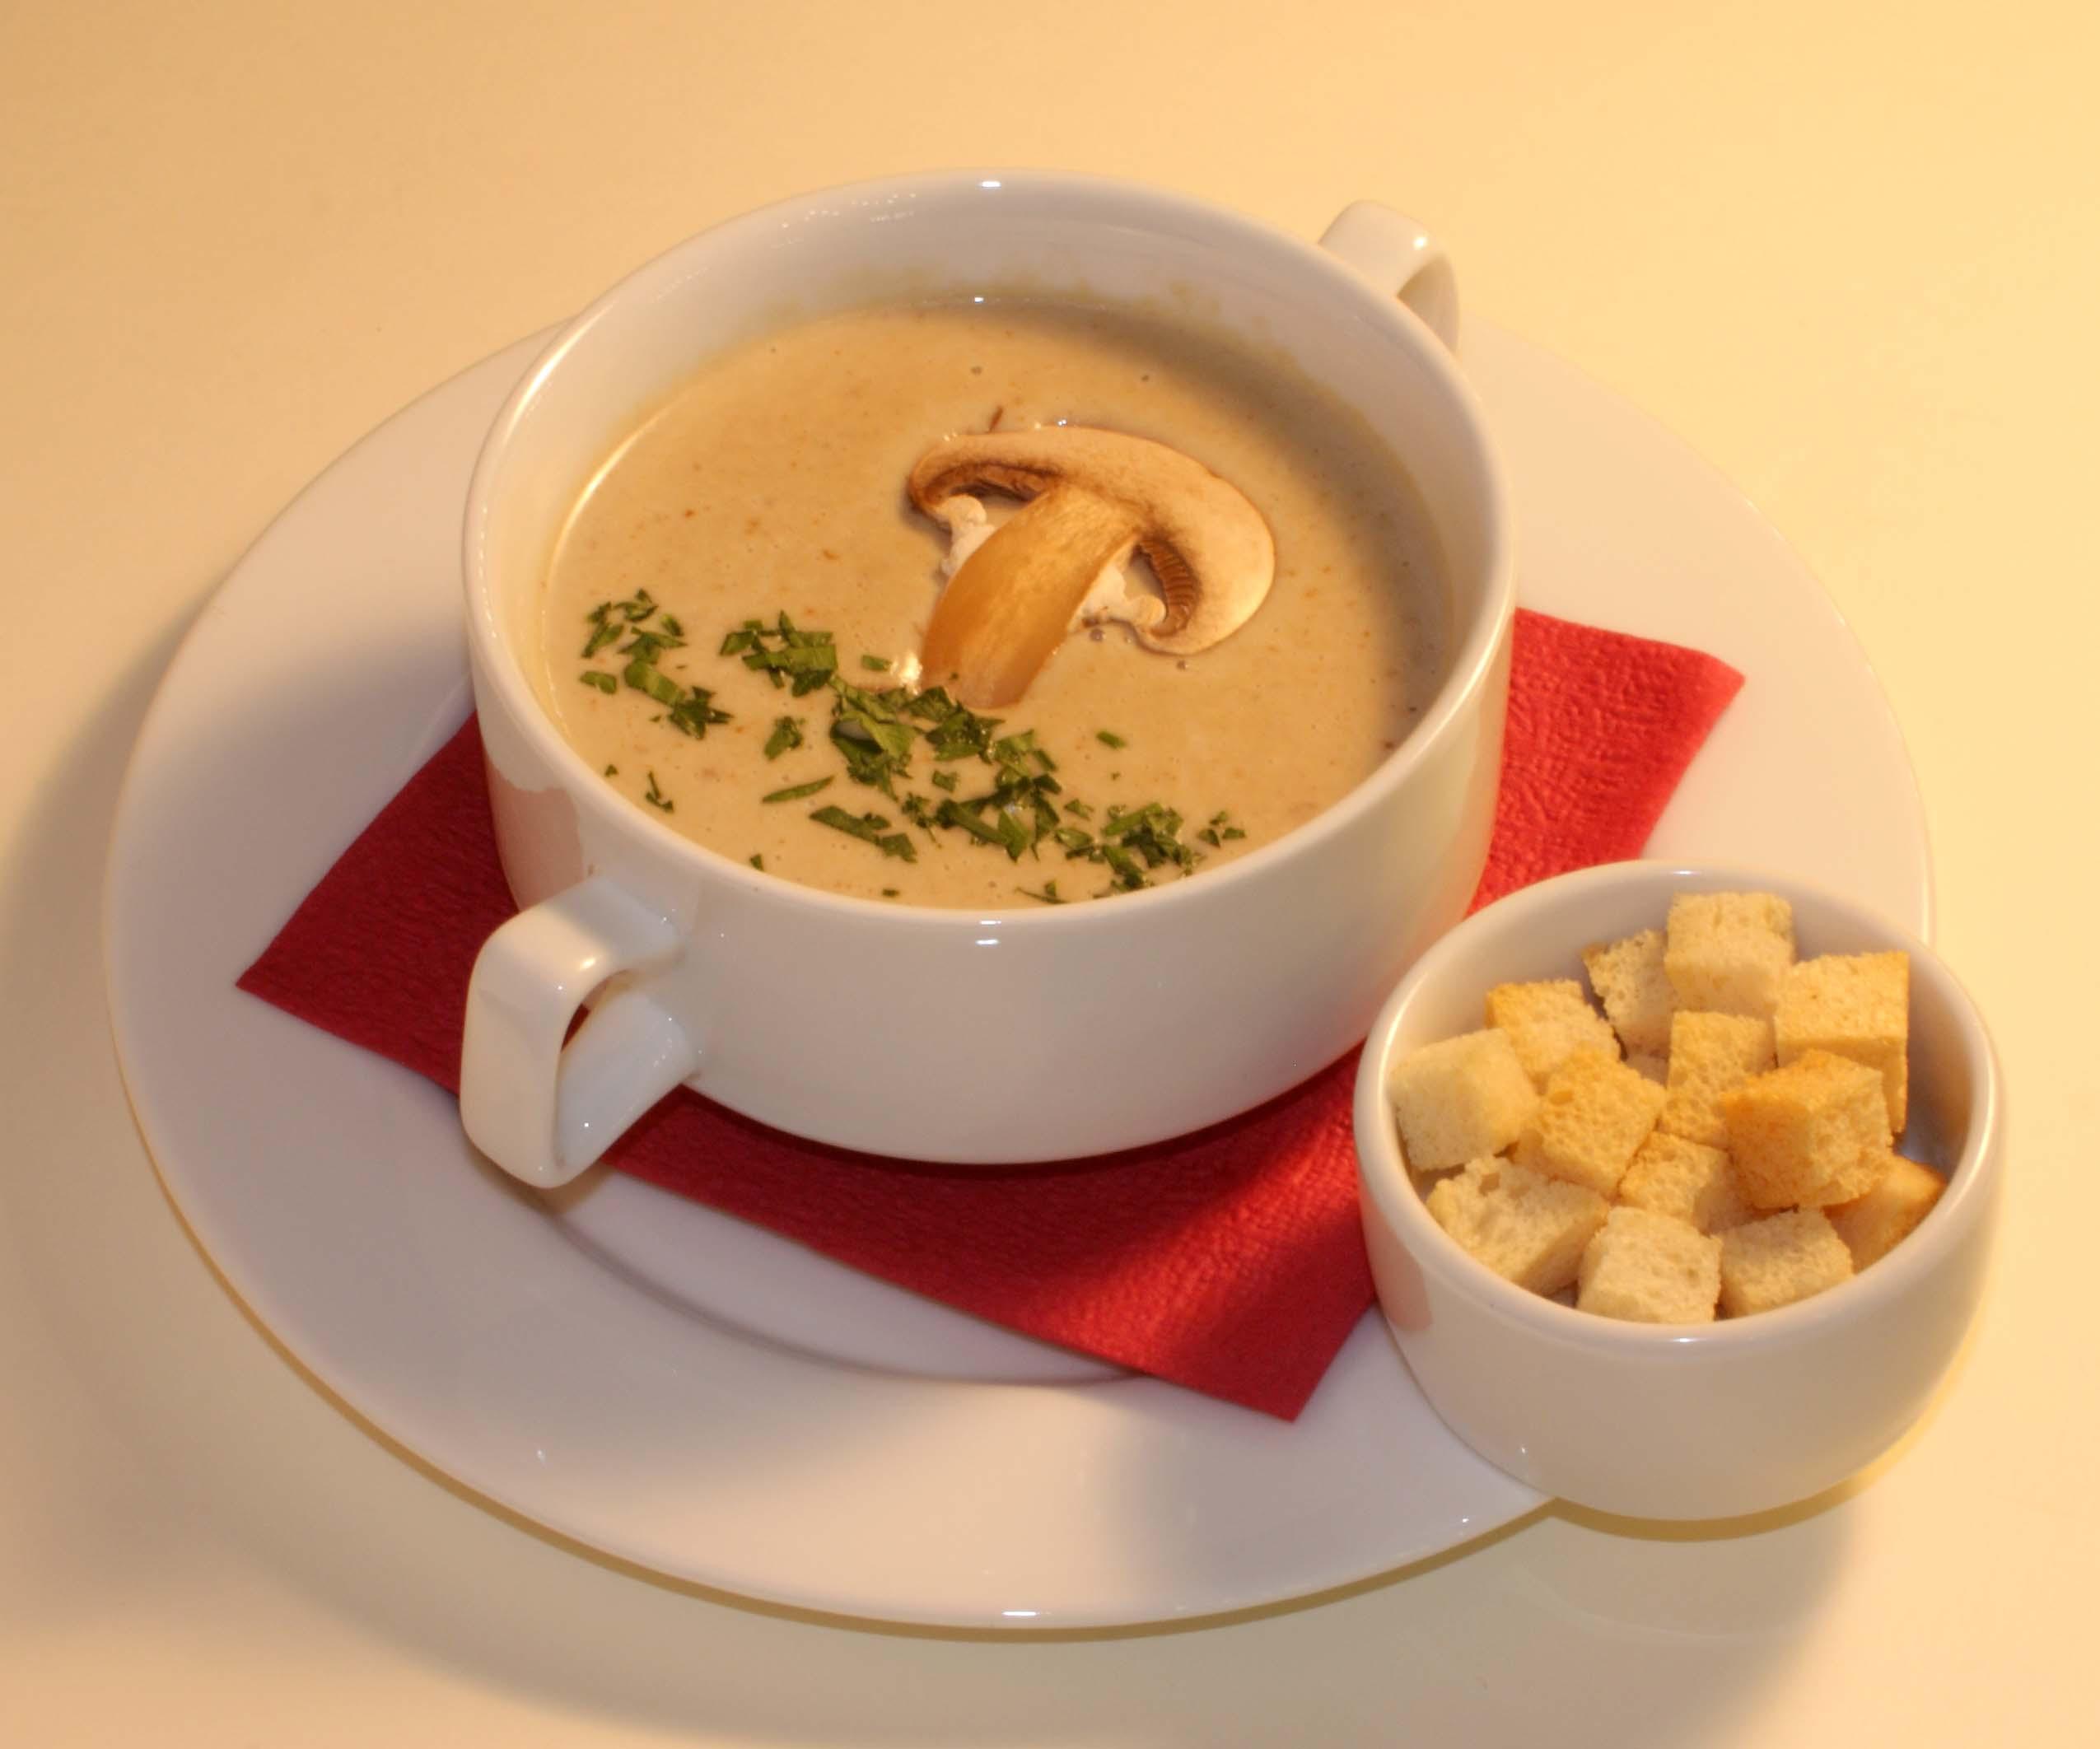 суп пюре из шампиньонов пошаговый рецепт с фото